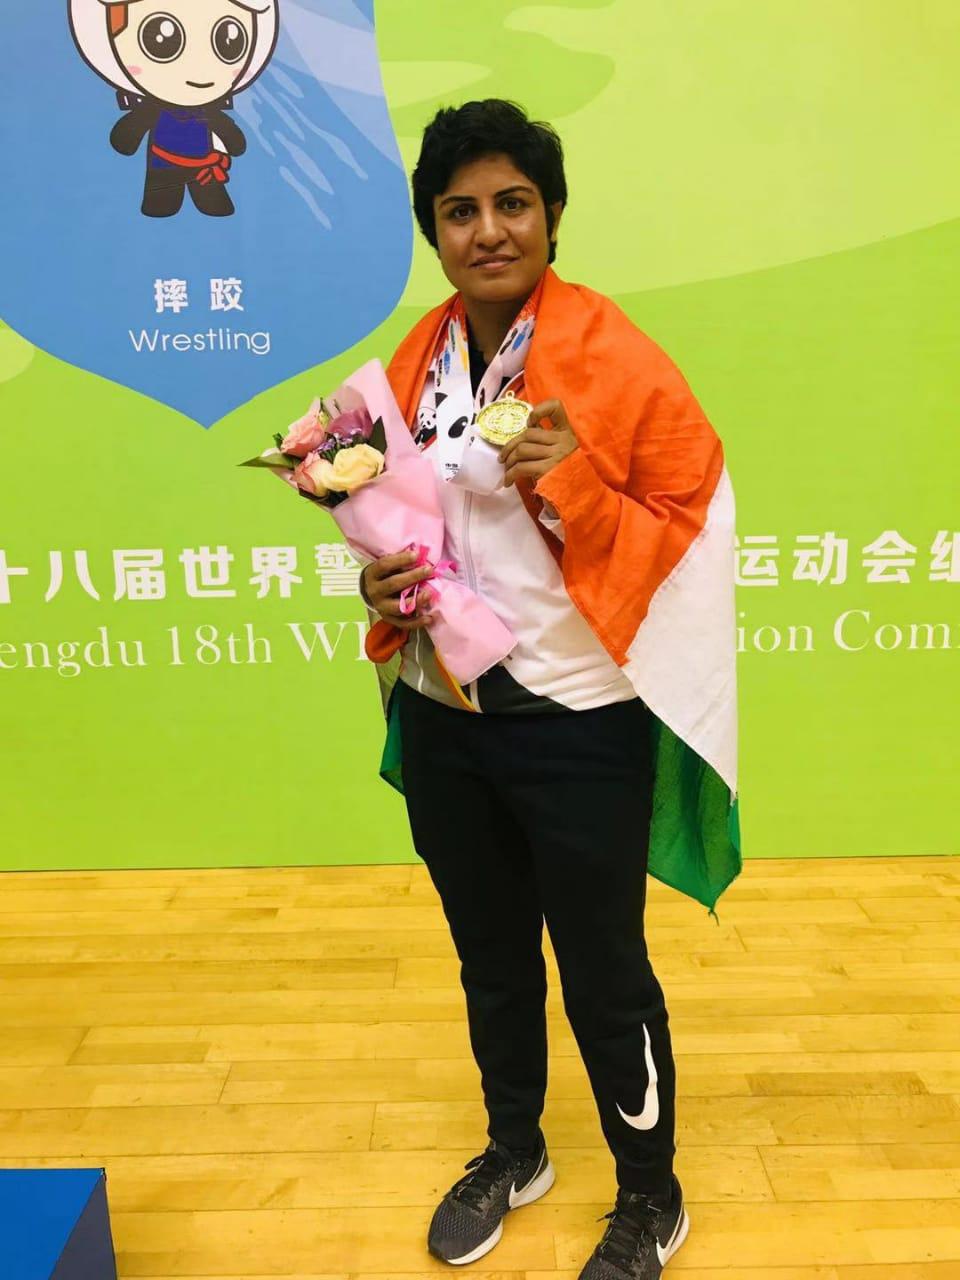 गीतिका जाखड़ को विश्व खेल कुश्ती (पुलिस) में स्वर्ण पदक।